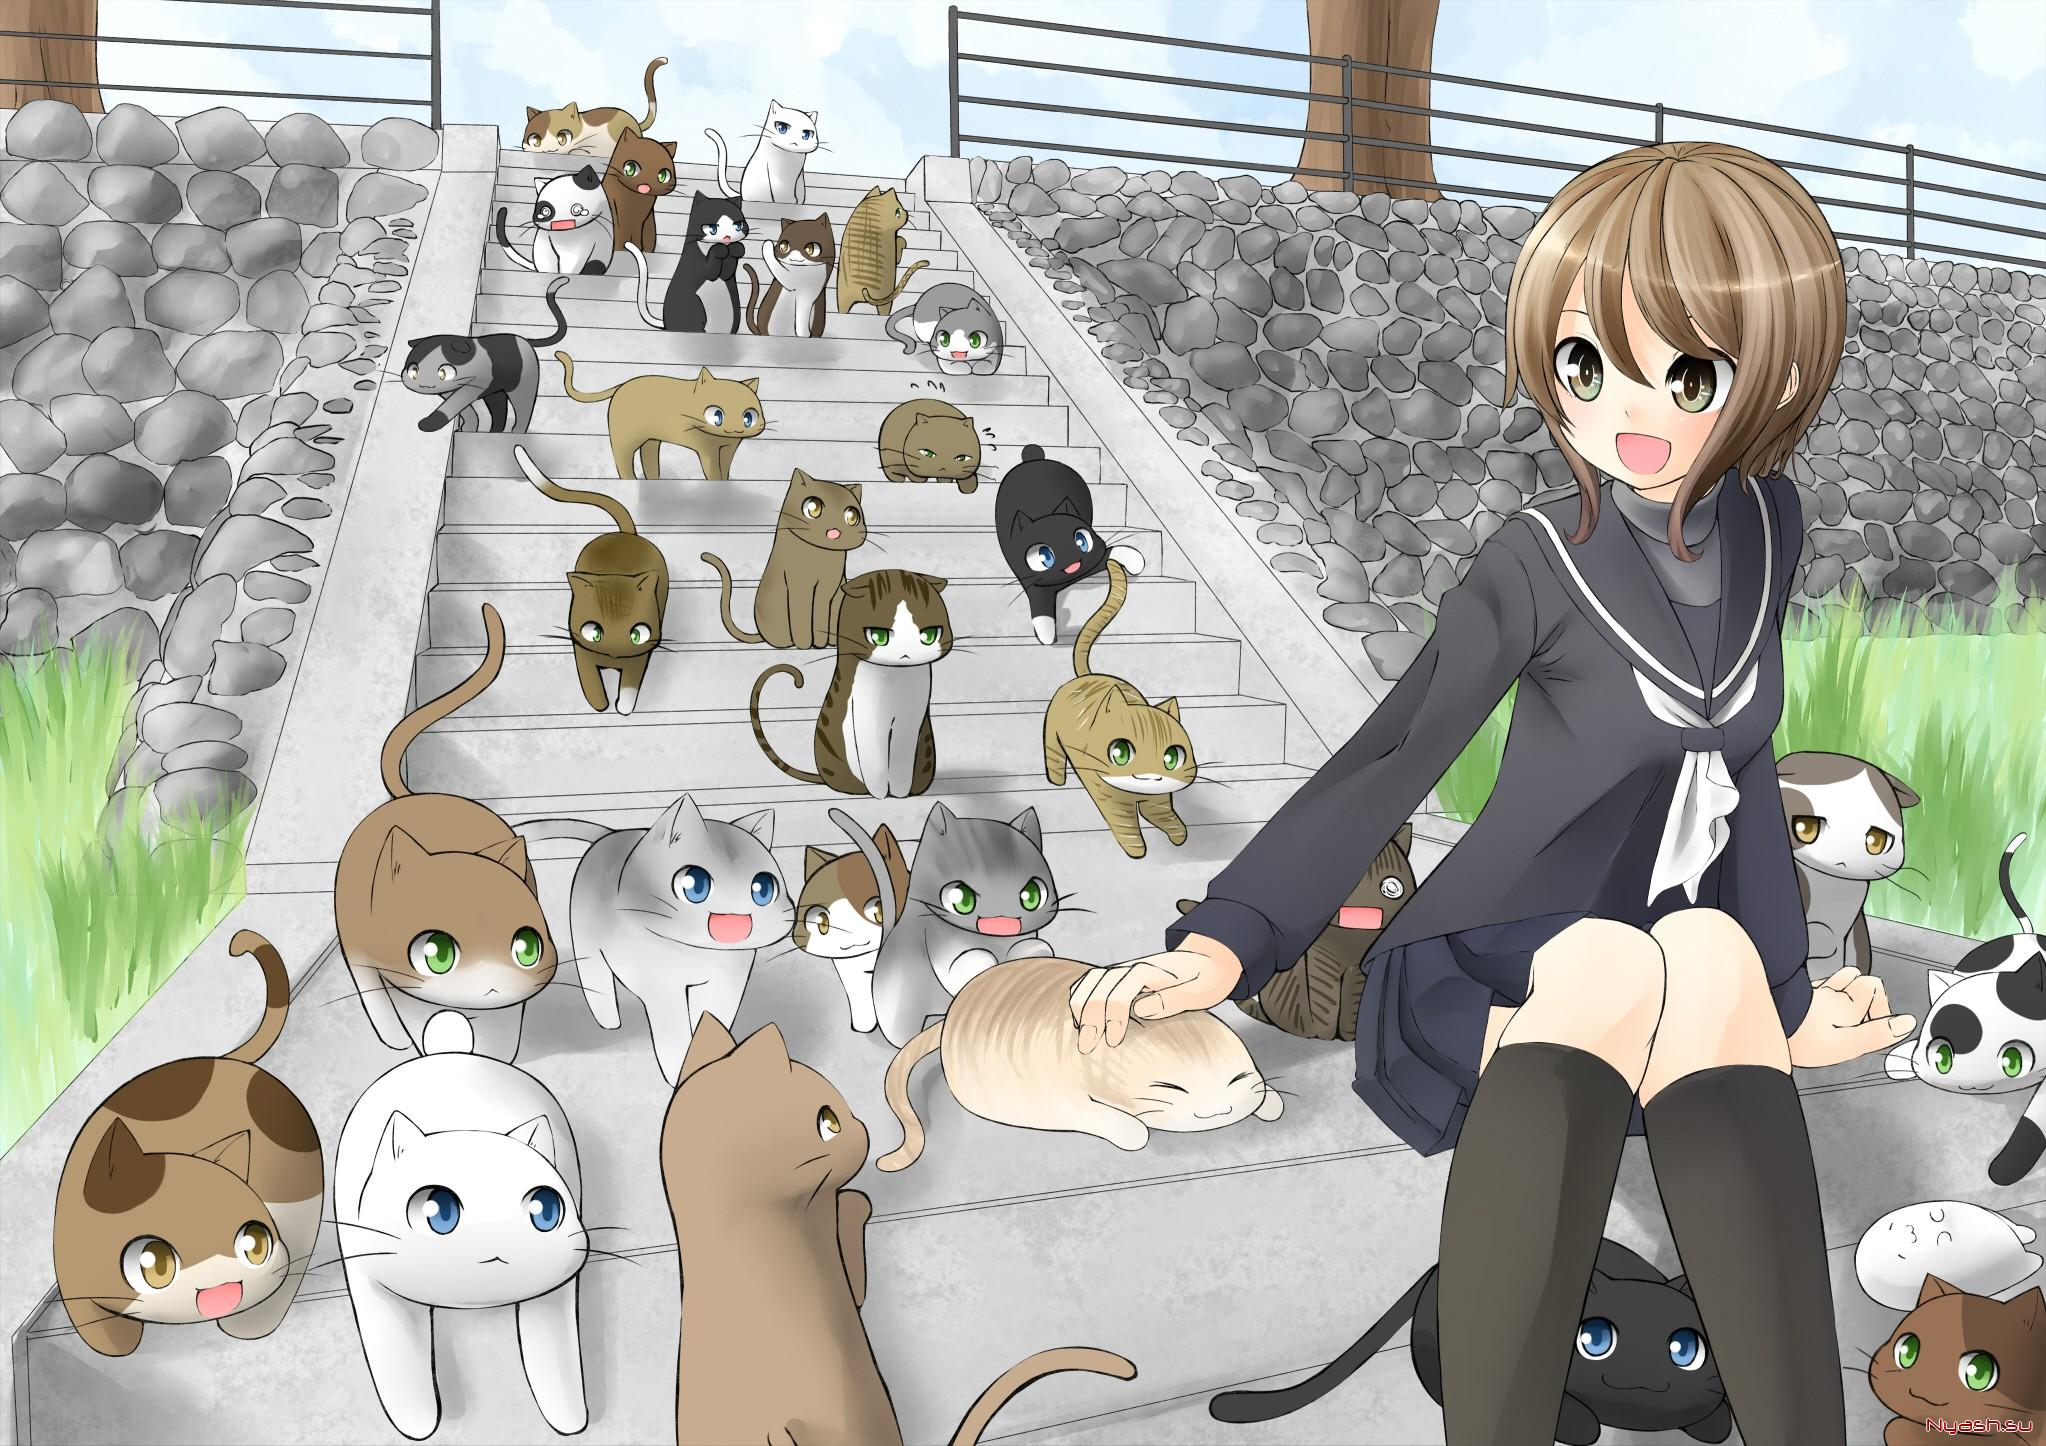 Открытки, картинки с котиками аниме с прикольными